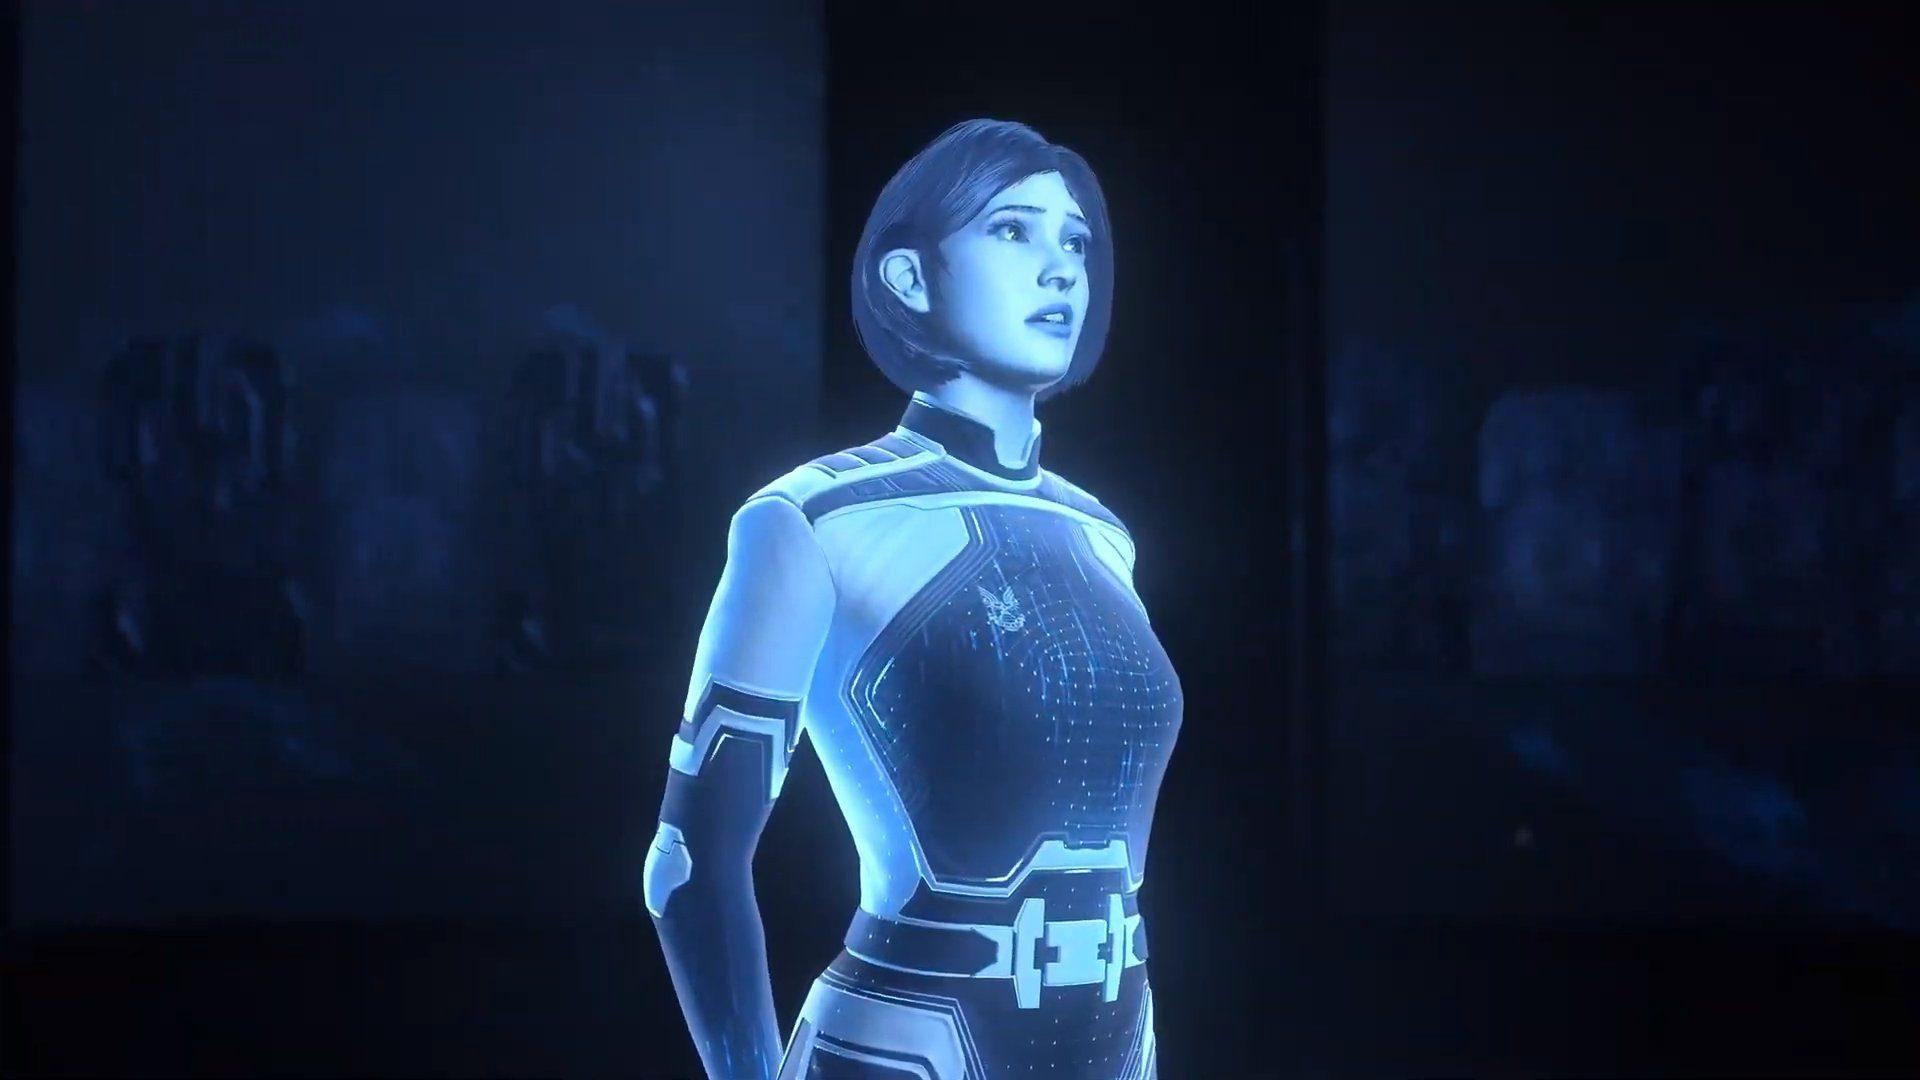 [Actualizada] Halo Infinite: Estas son las Inteligencias Artificiales del universo Halo - Hacemos un repaso en este texto por las inteligencias Artificiales de primer nivel que hemos podido conocer en el universo Halo.